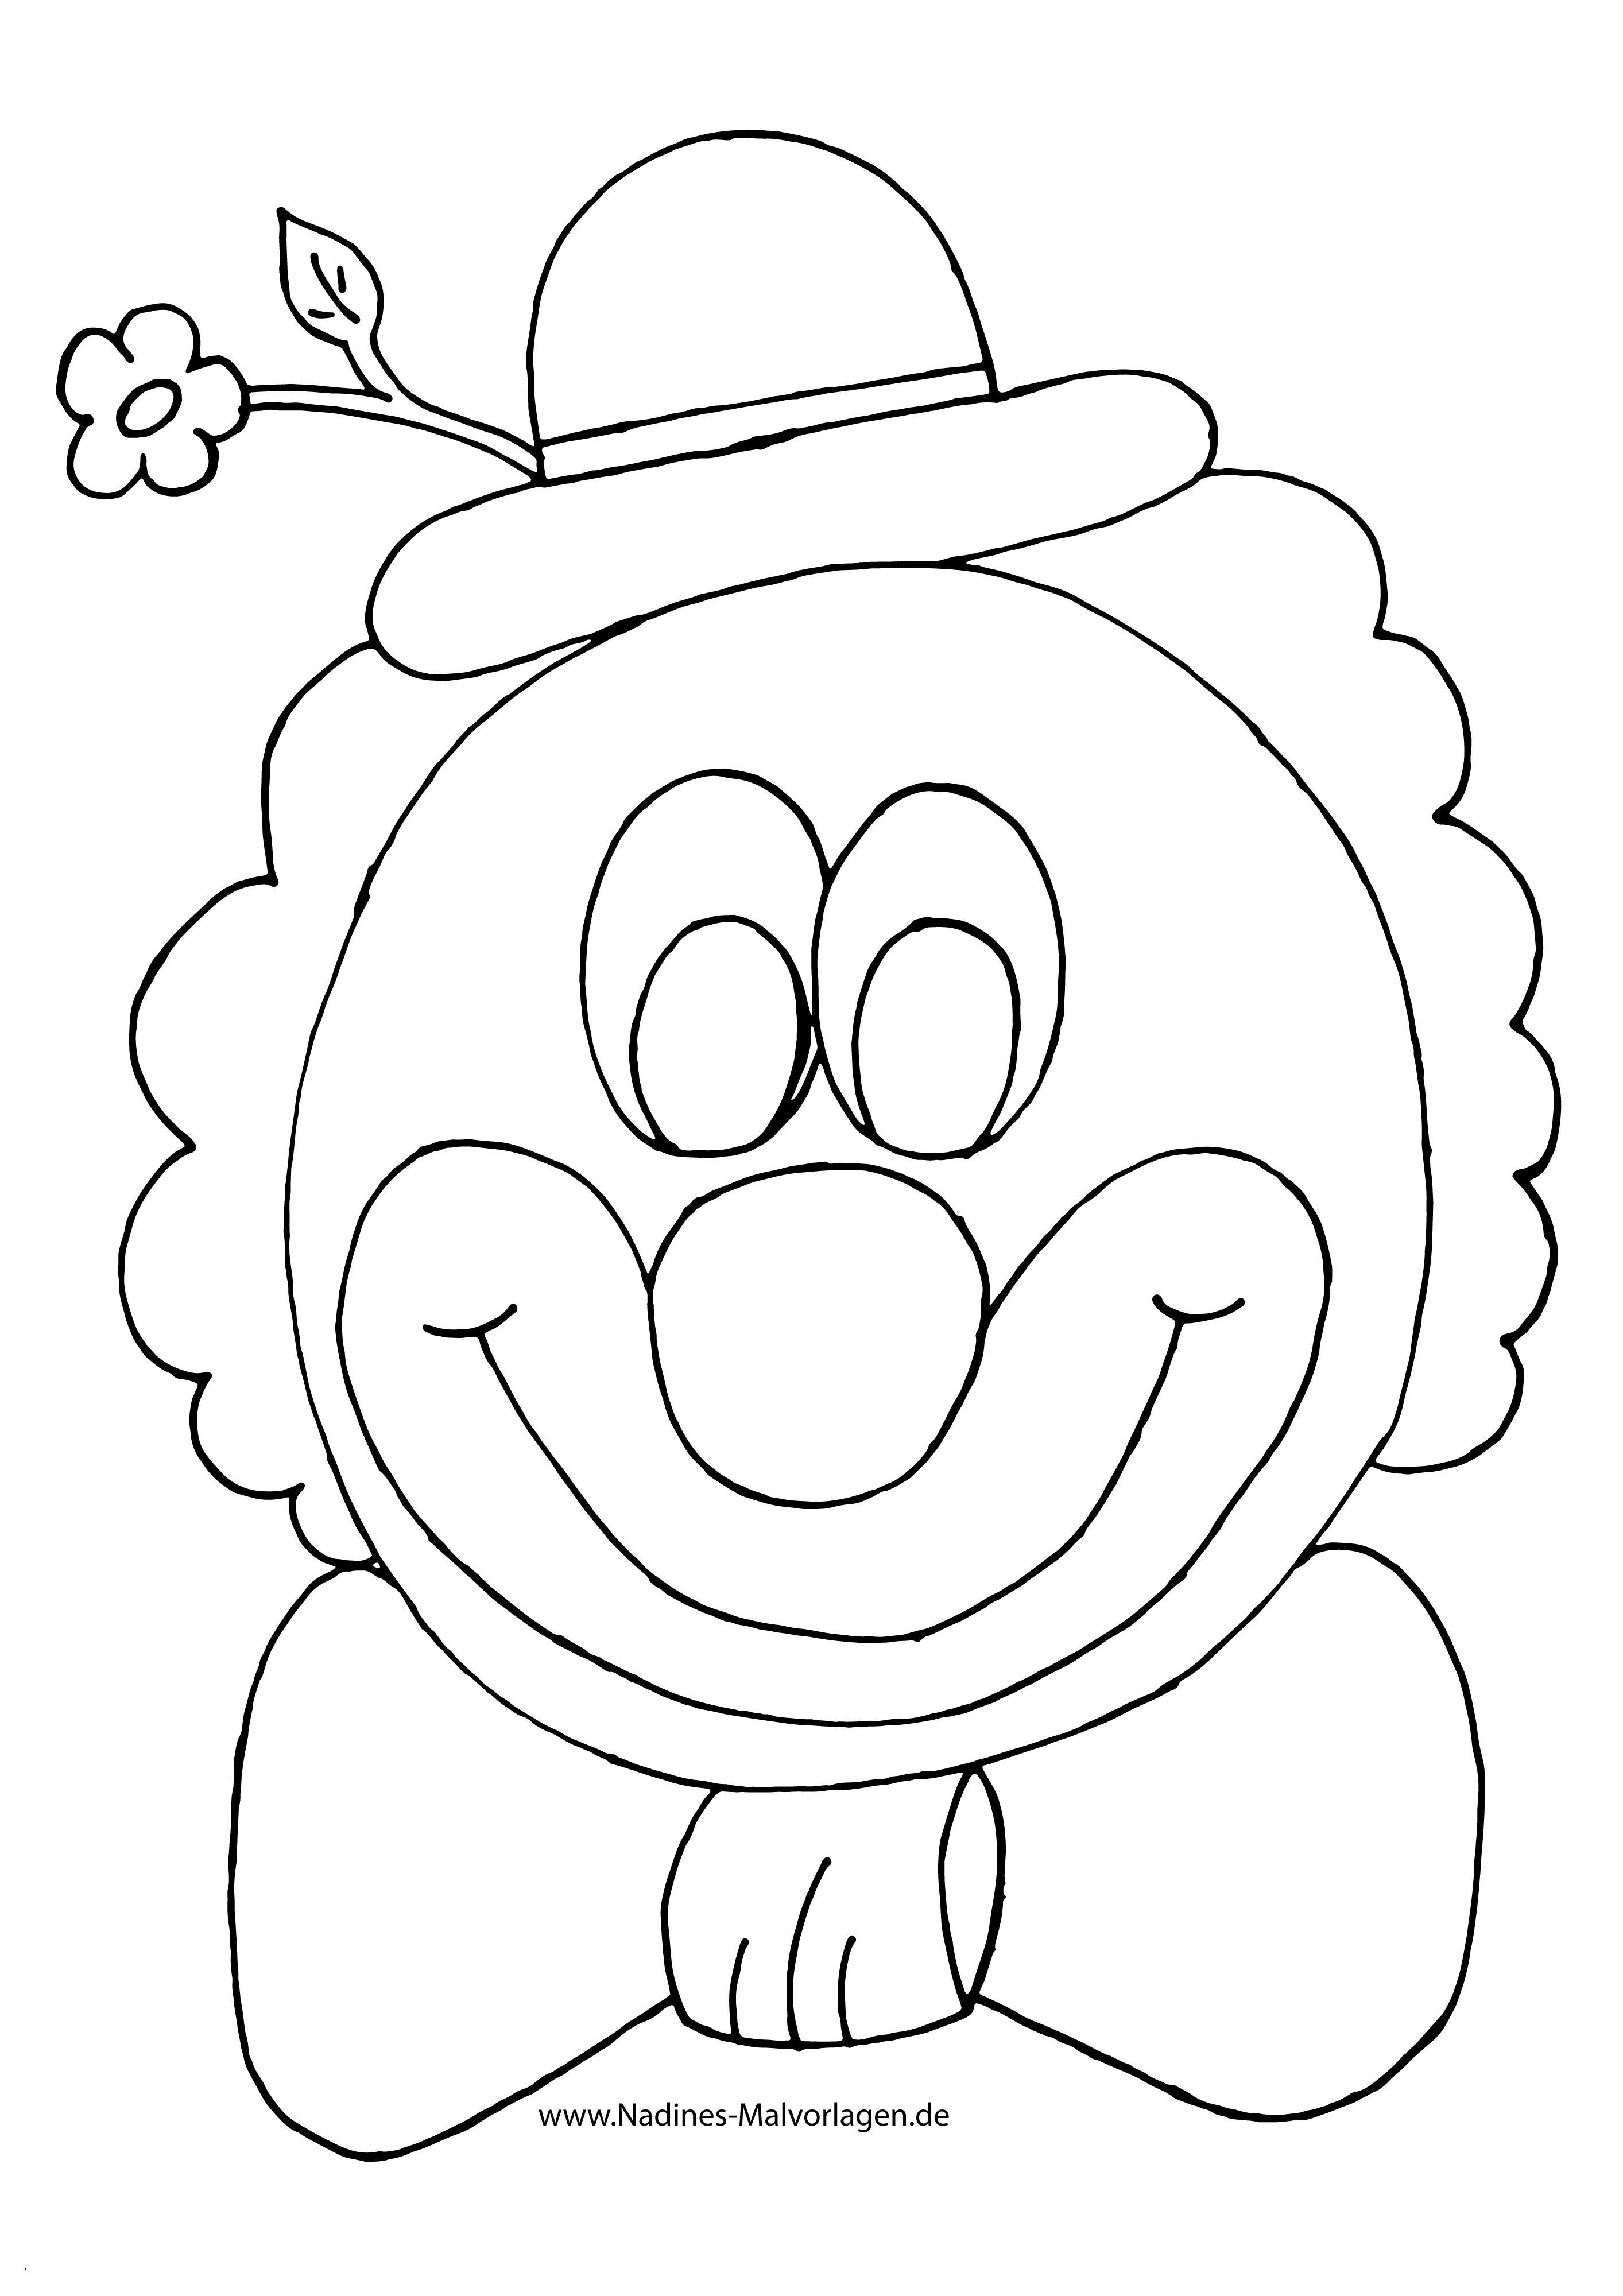 Clowns Zum Ausmalen Frisch 52 Inspiration Clown Ausmalbilder Ausdrucken Treehouse Nyc Galerie